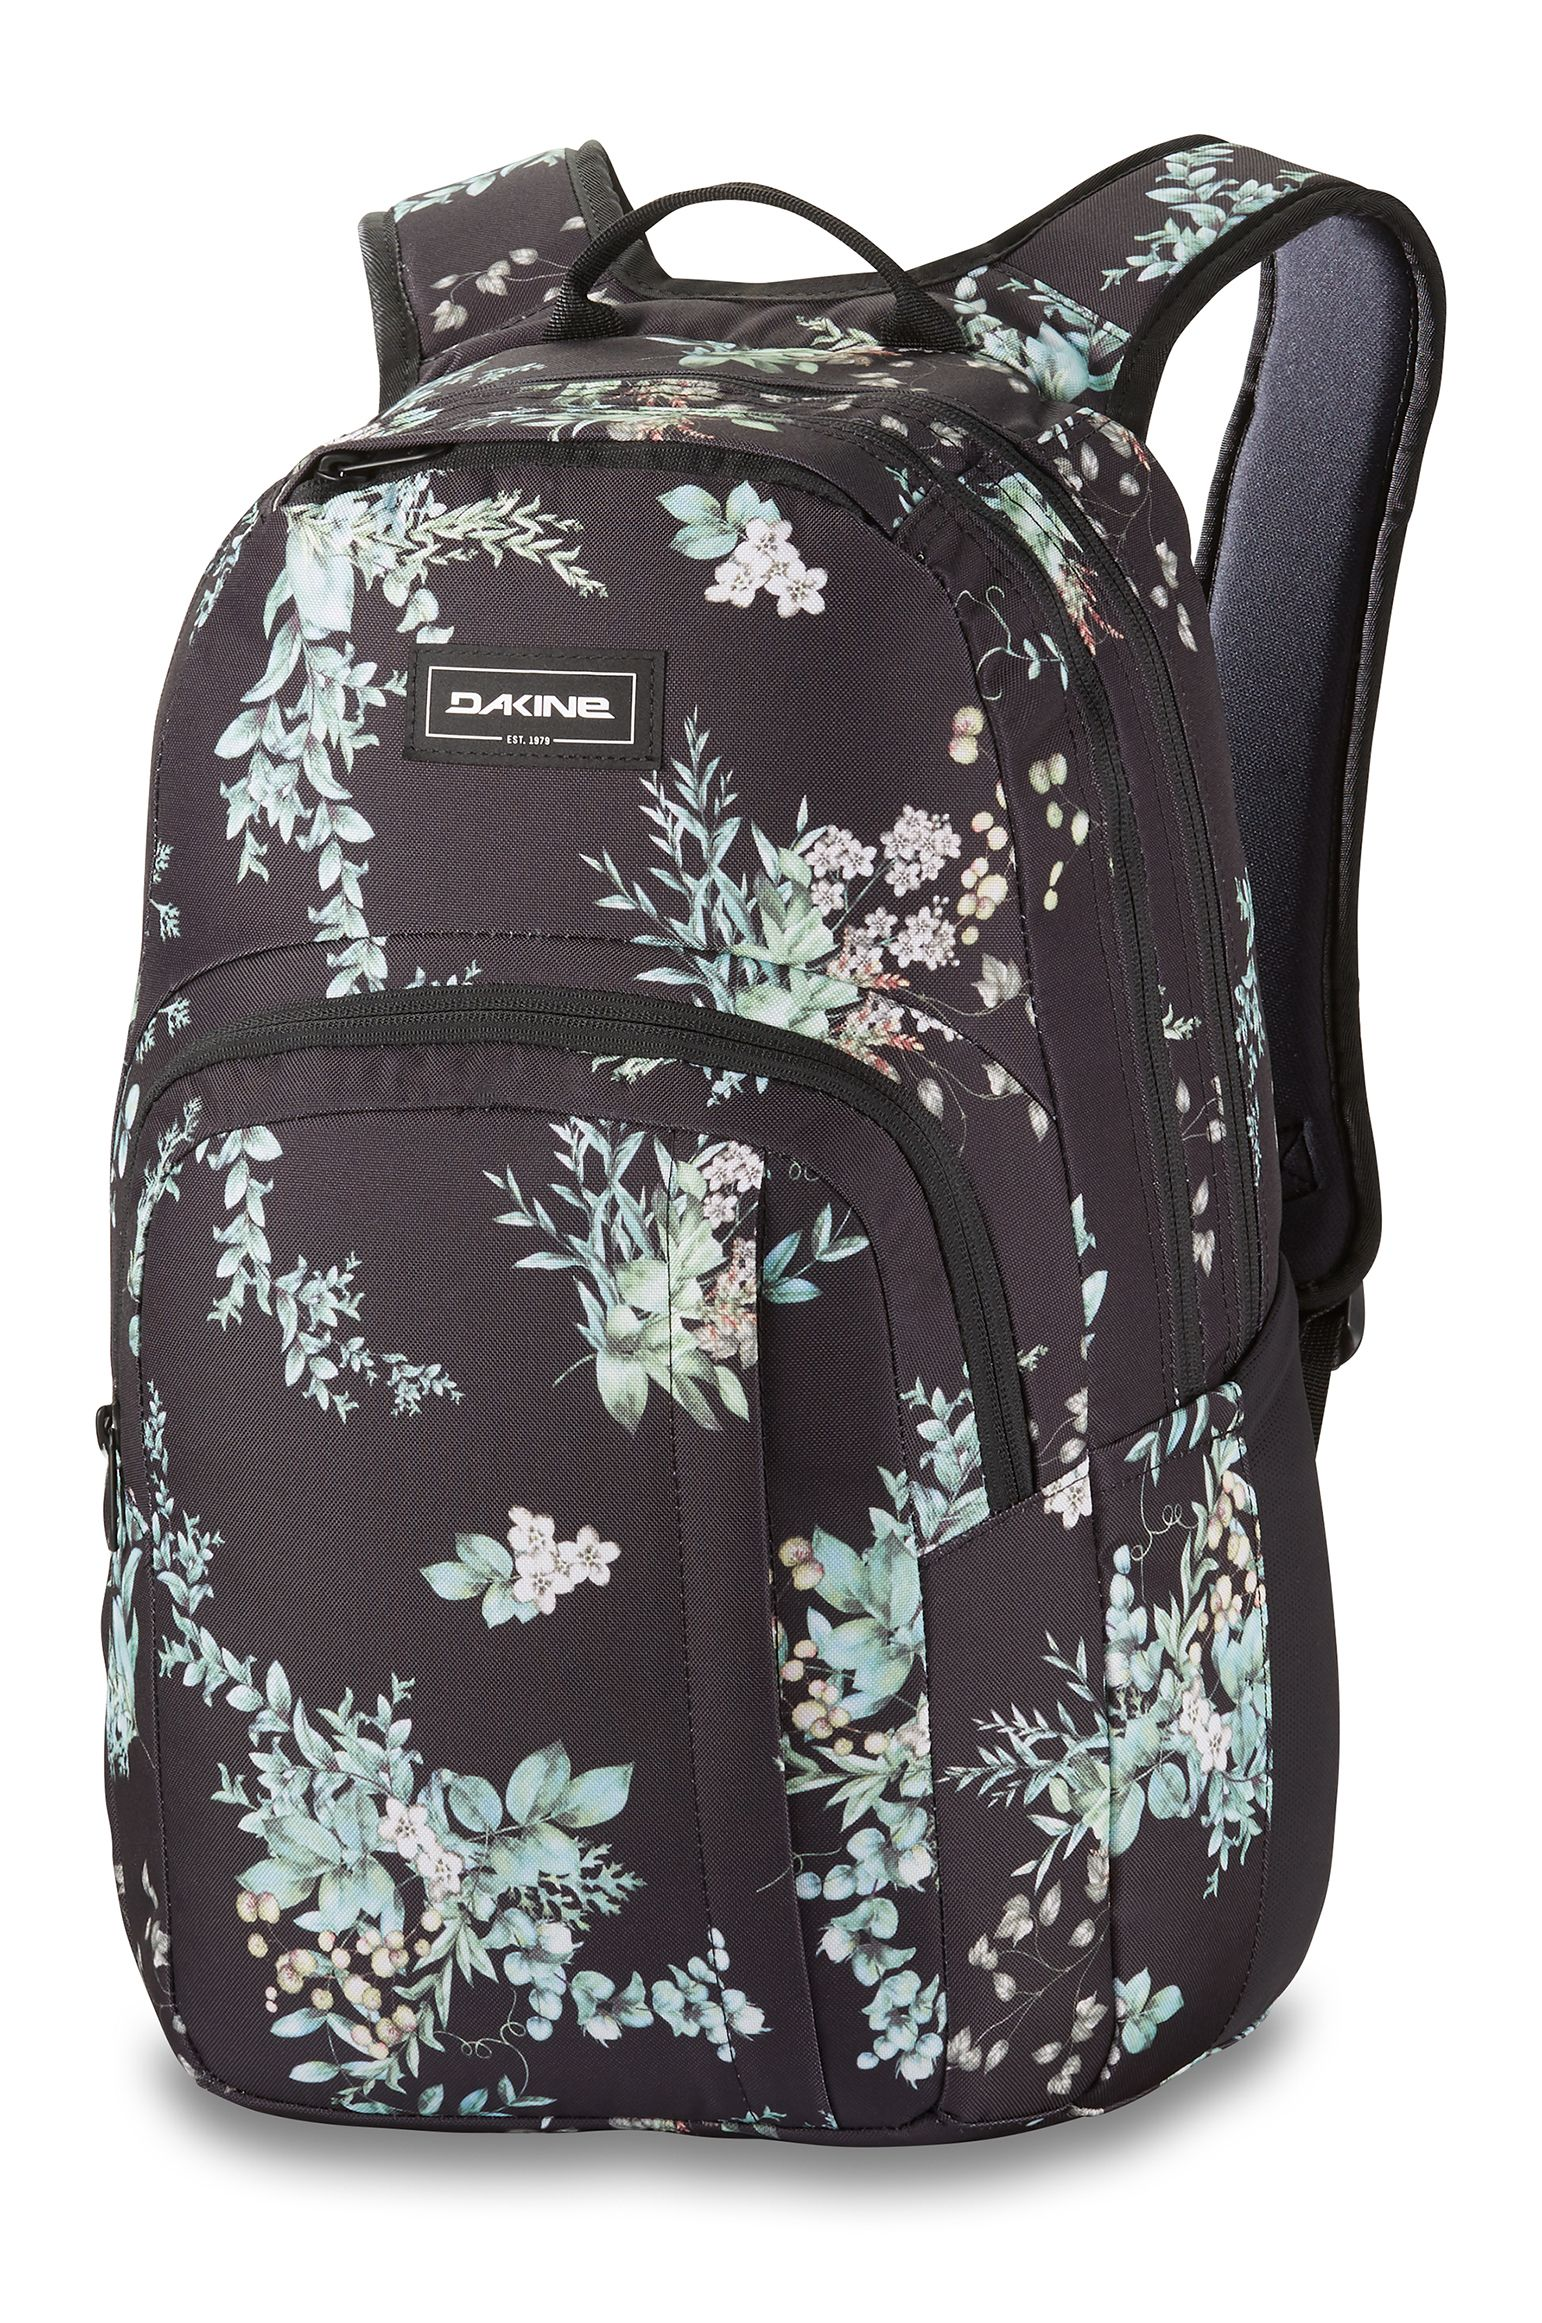 Dakine Backpack CAMPUS M 25L Solstice Floral